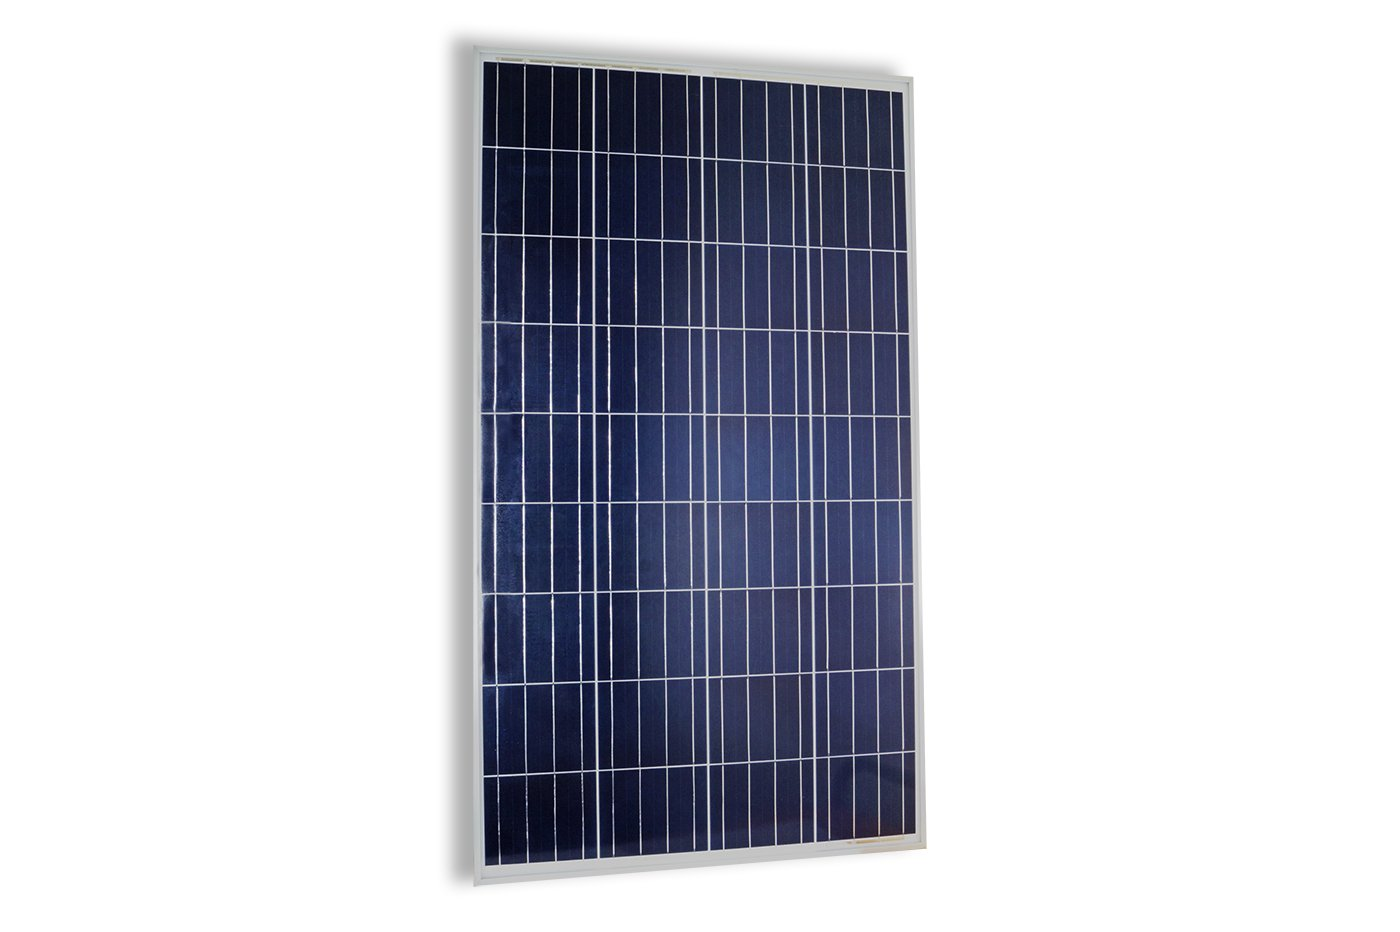 Pannello solare fotovoltaico celle silicio 150 w watt 12V batteria Senza marca/Generico